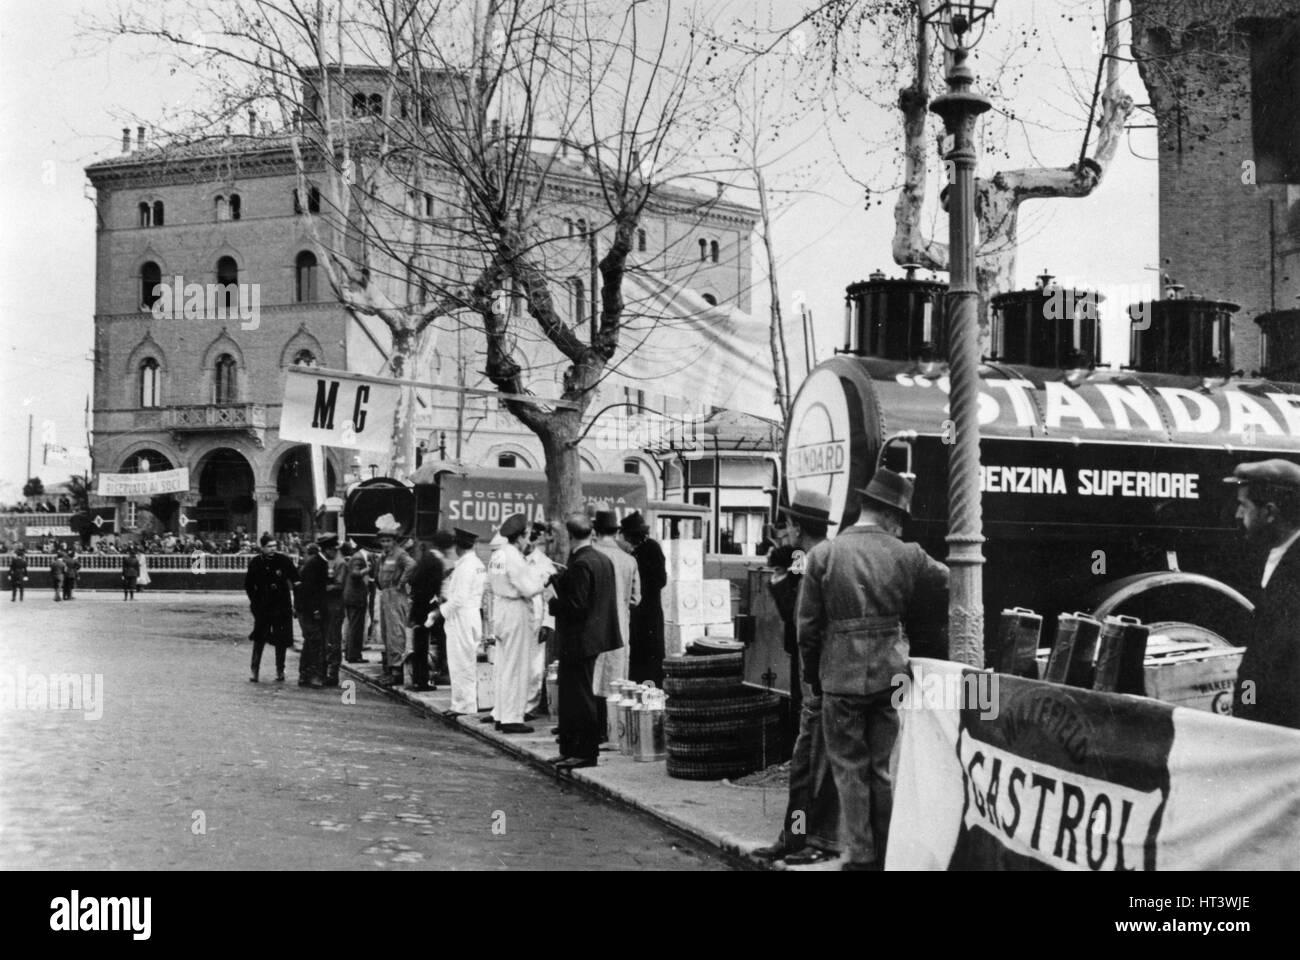 1933 Mille Miglia, Bolgna Artist: Unknown. - Stock Image